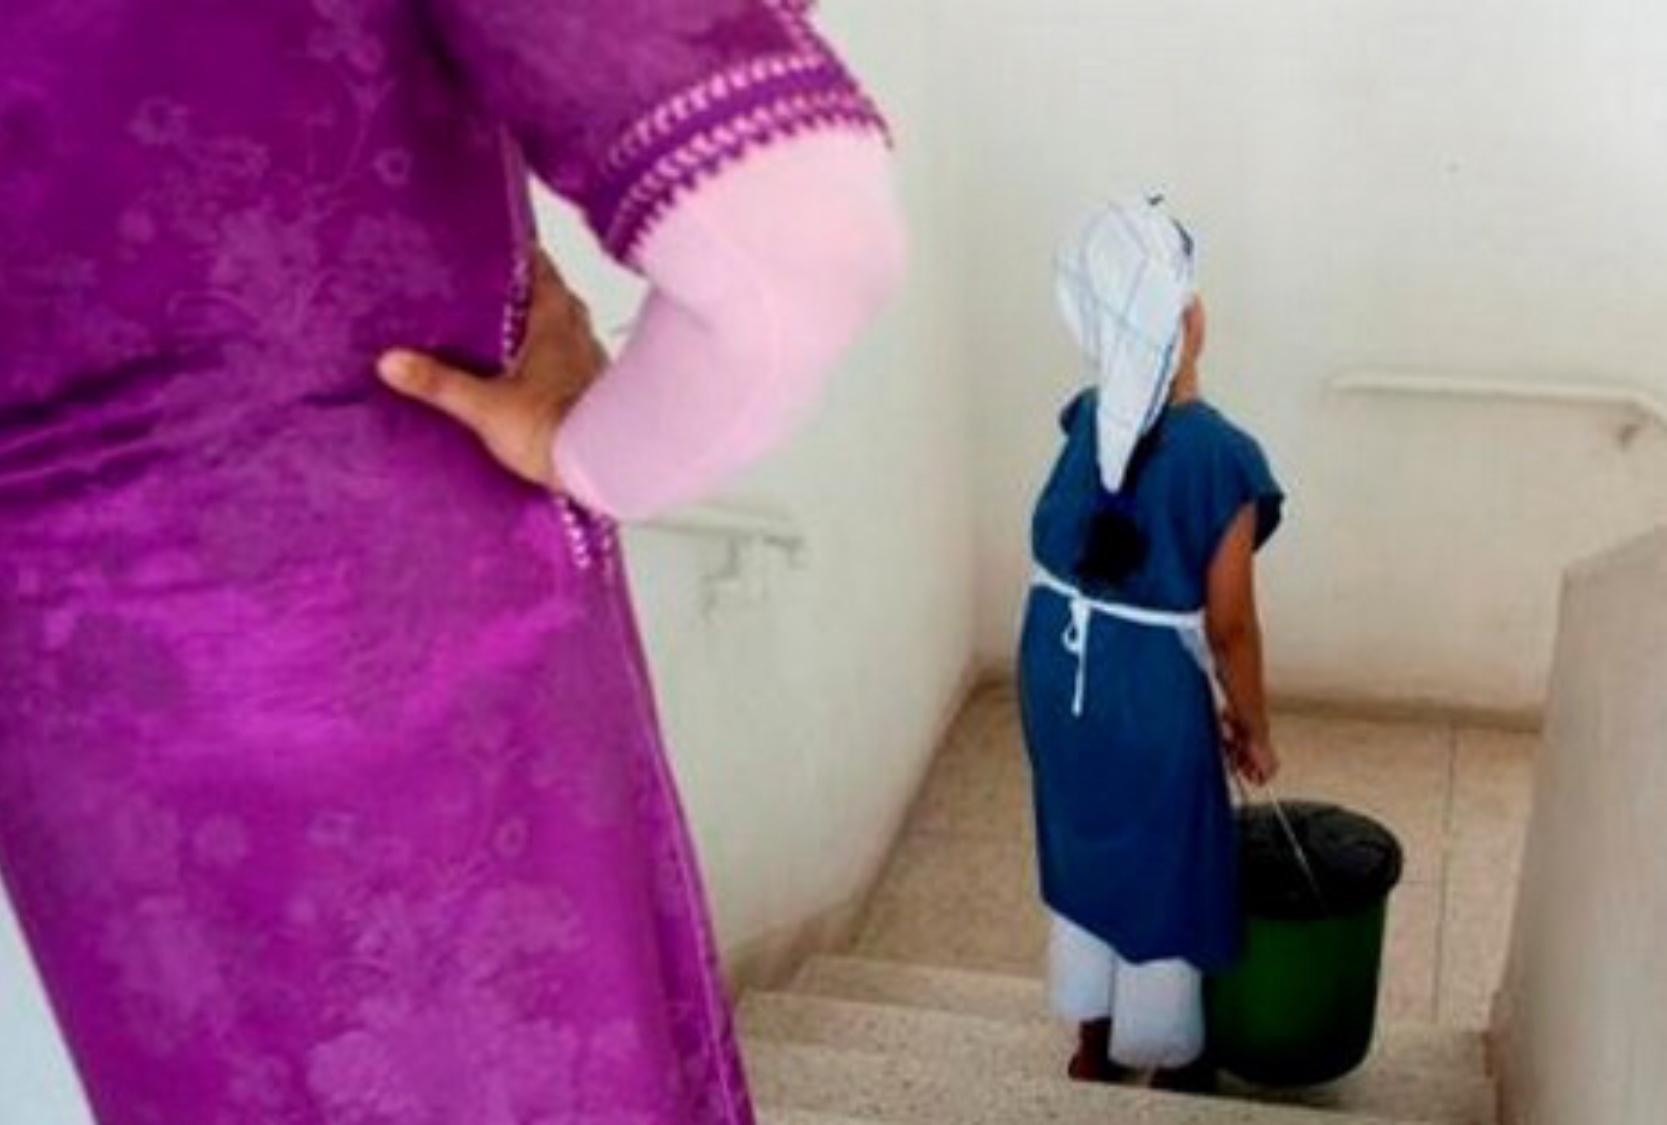 الحكومة تصادق على شروط استفادة خادمات البيوت من الضمان الإجتماعي و التغطية الصحية !